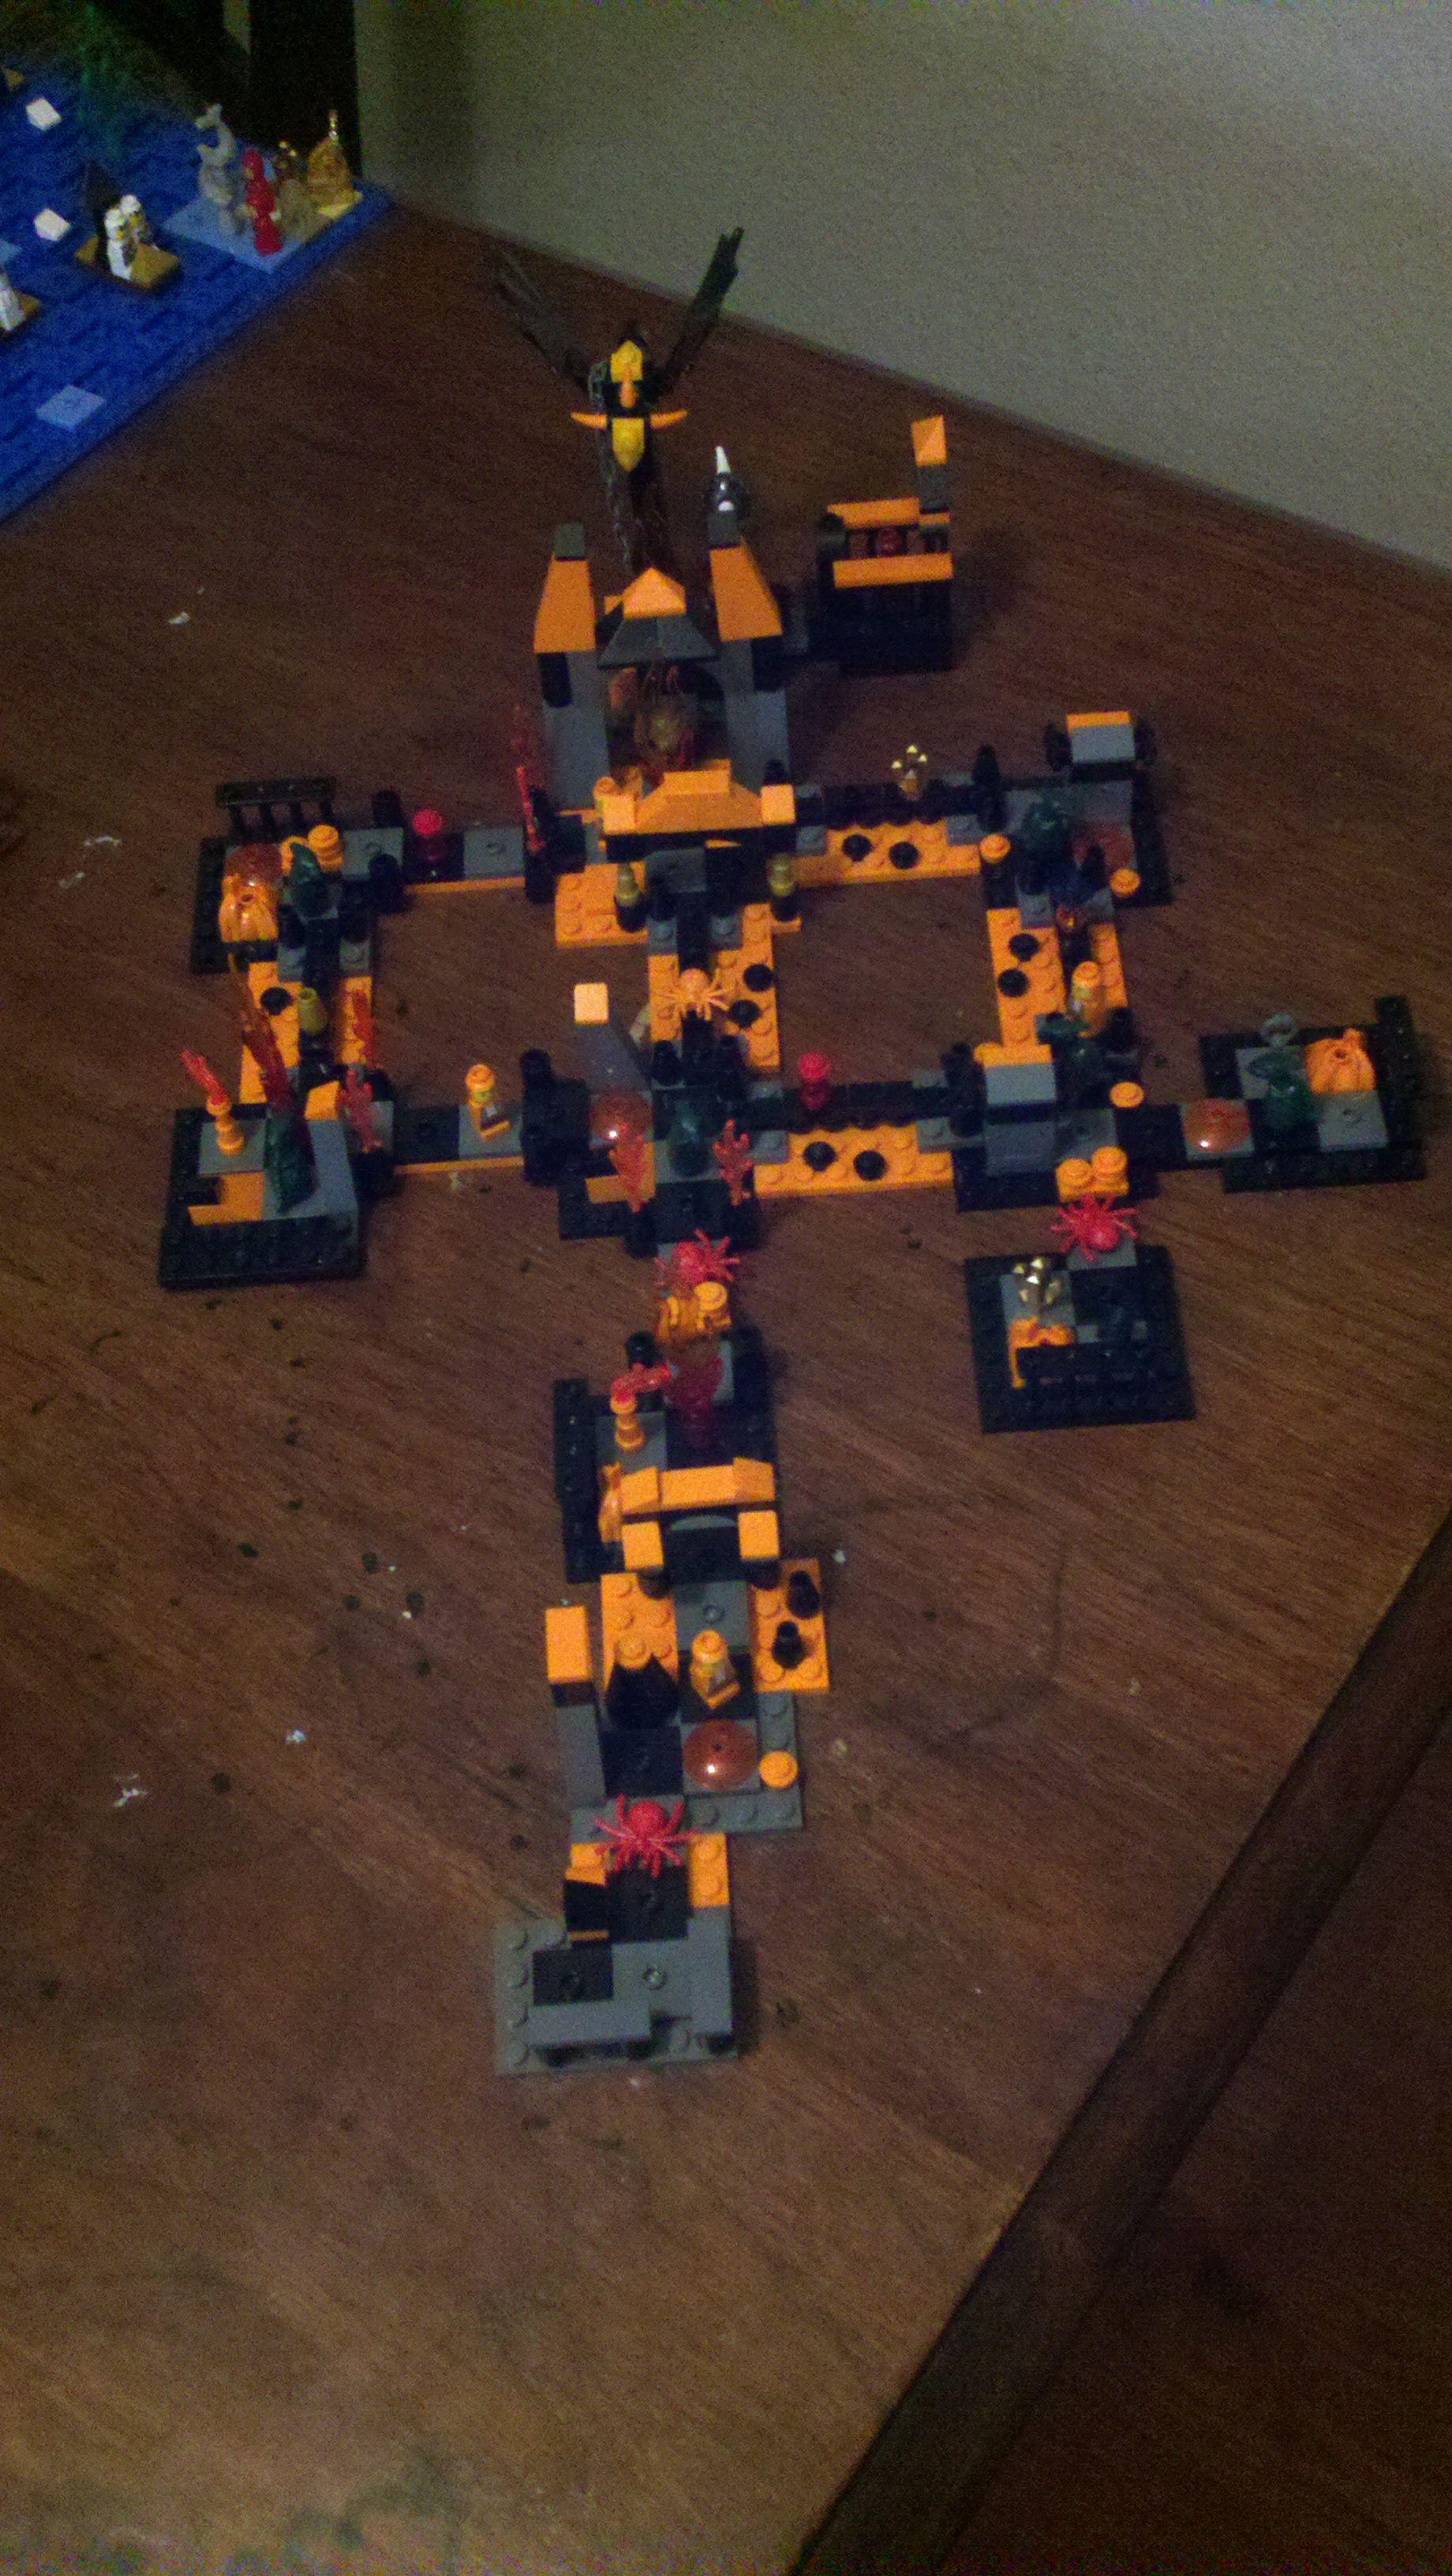 Lego lego heroica custom board map game rules